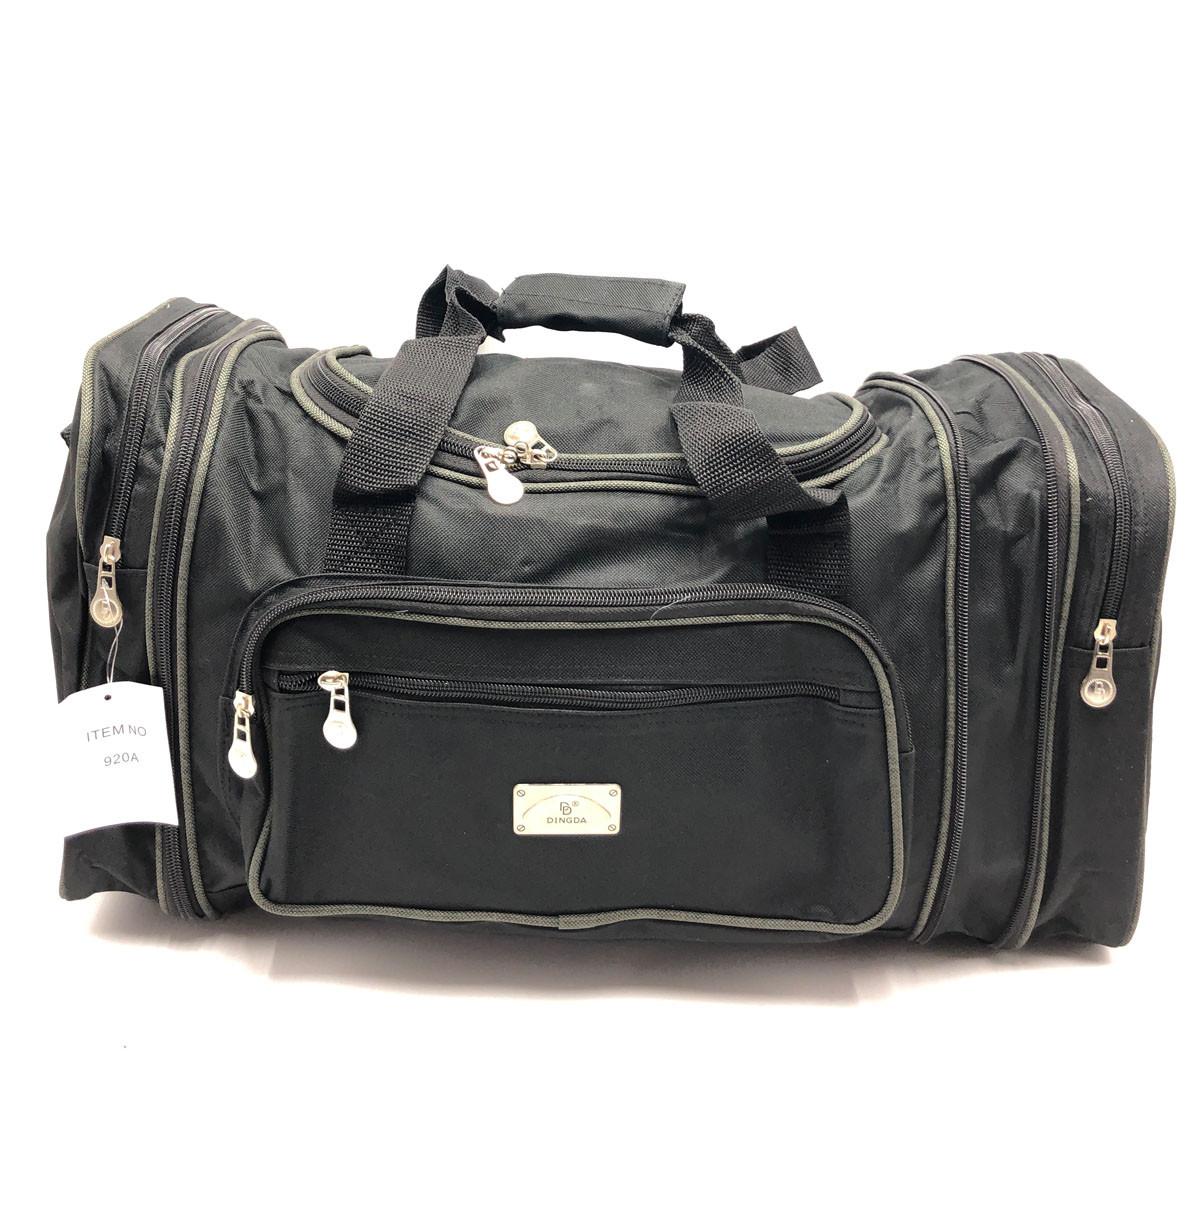 Дорожная сумка Dingda раскладная длина 50-60см (920а)